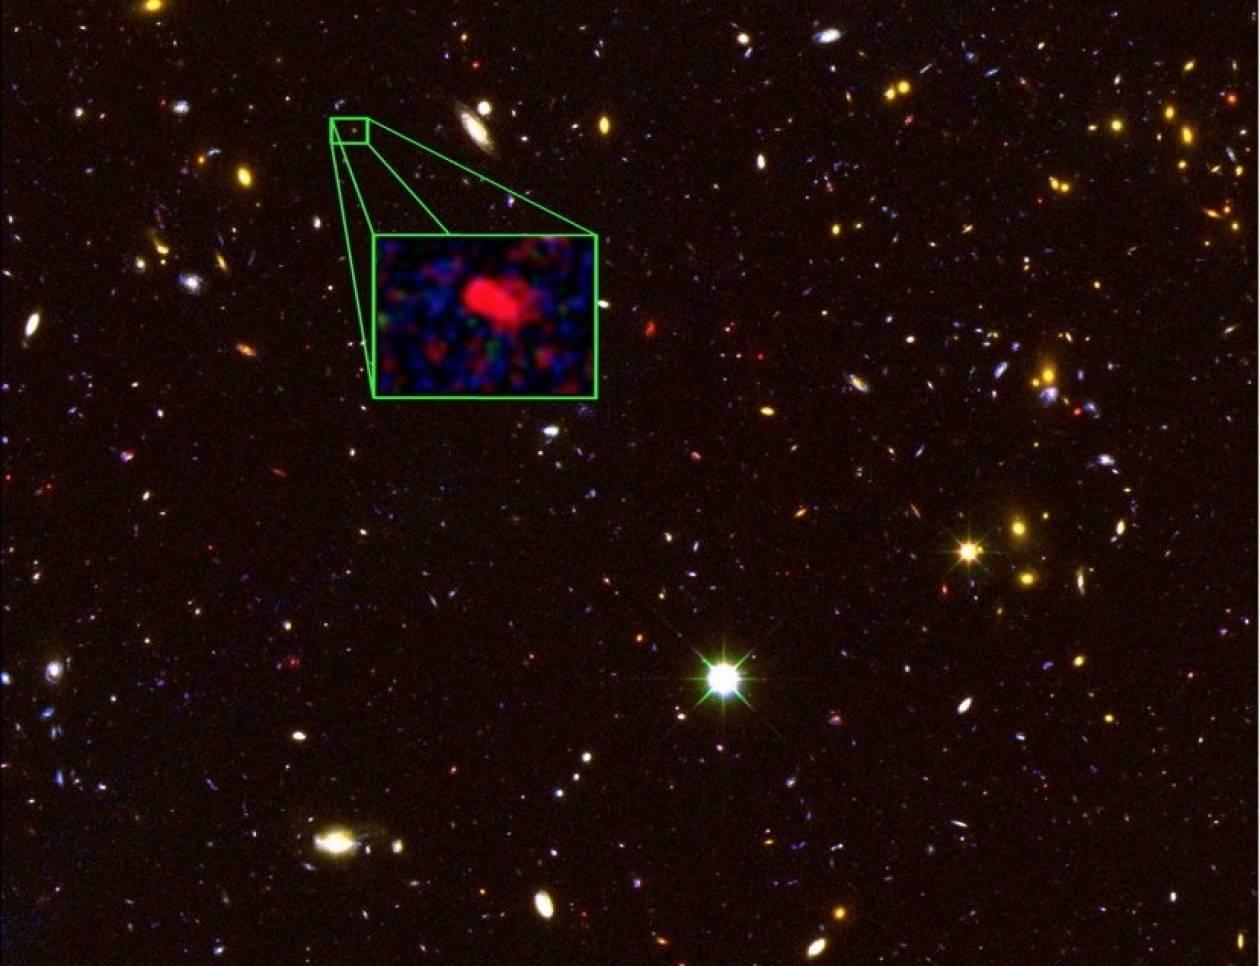 Ανακαλύφθηκε ο πιο μακρινός γαλαξίας (μέχρι σήμερα)